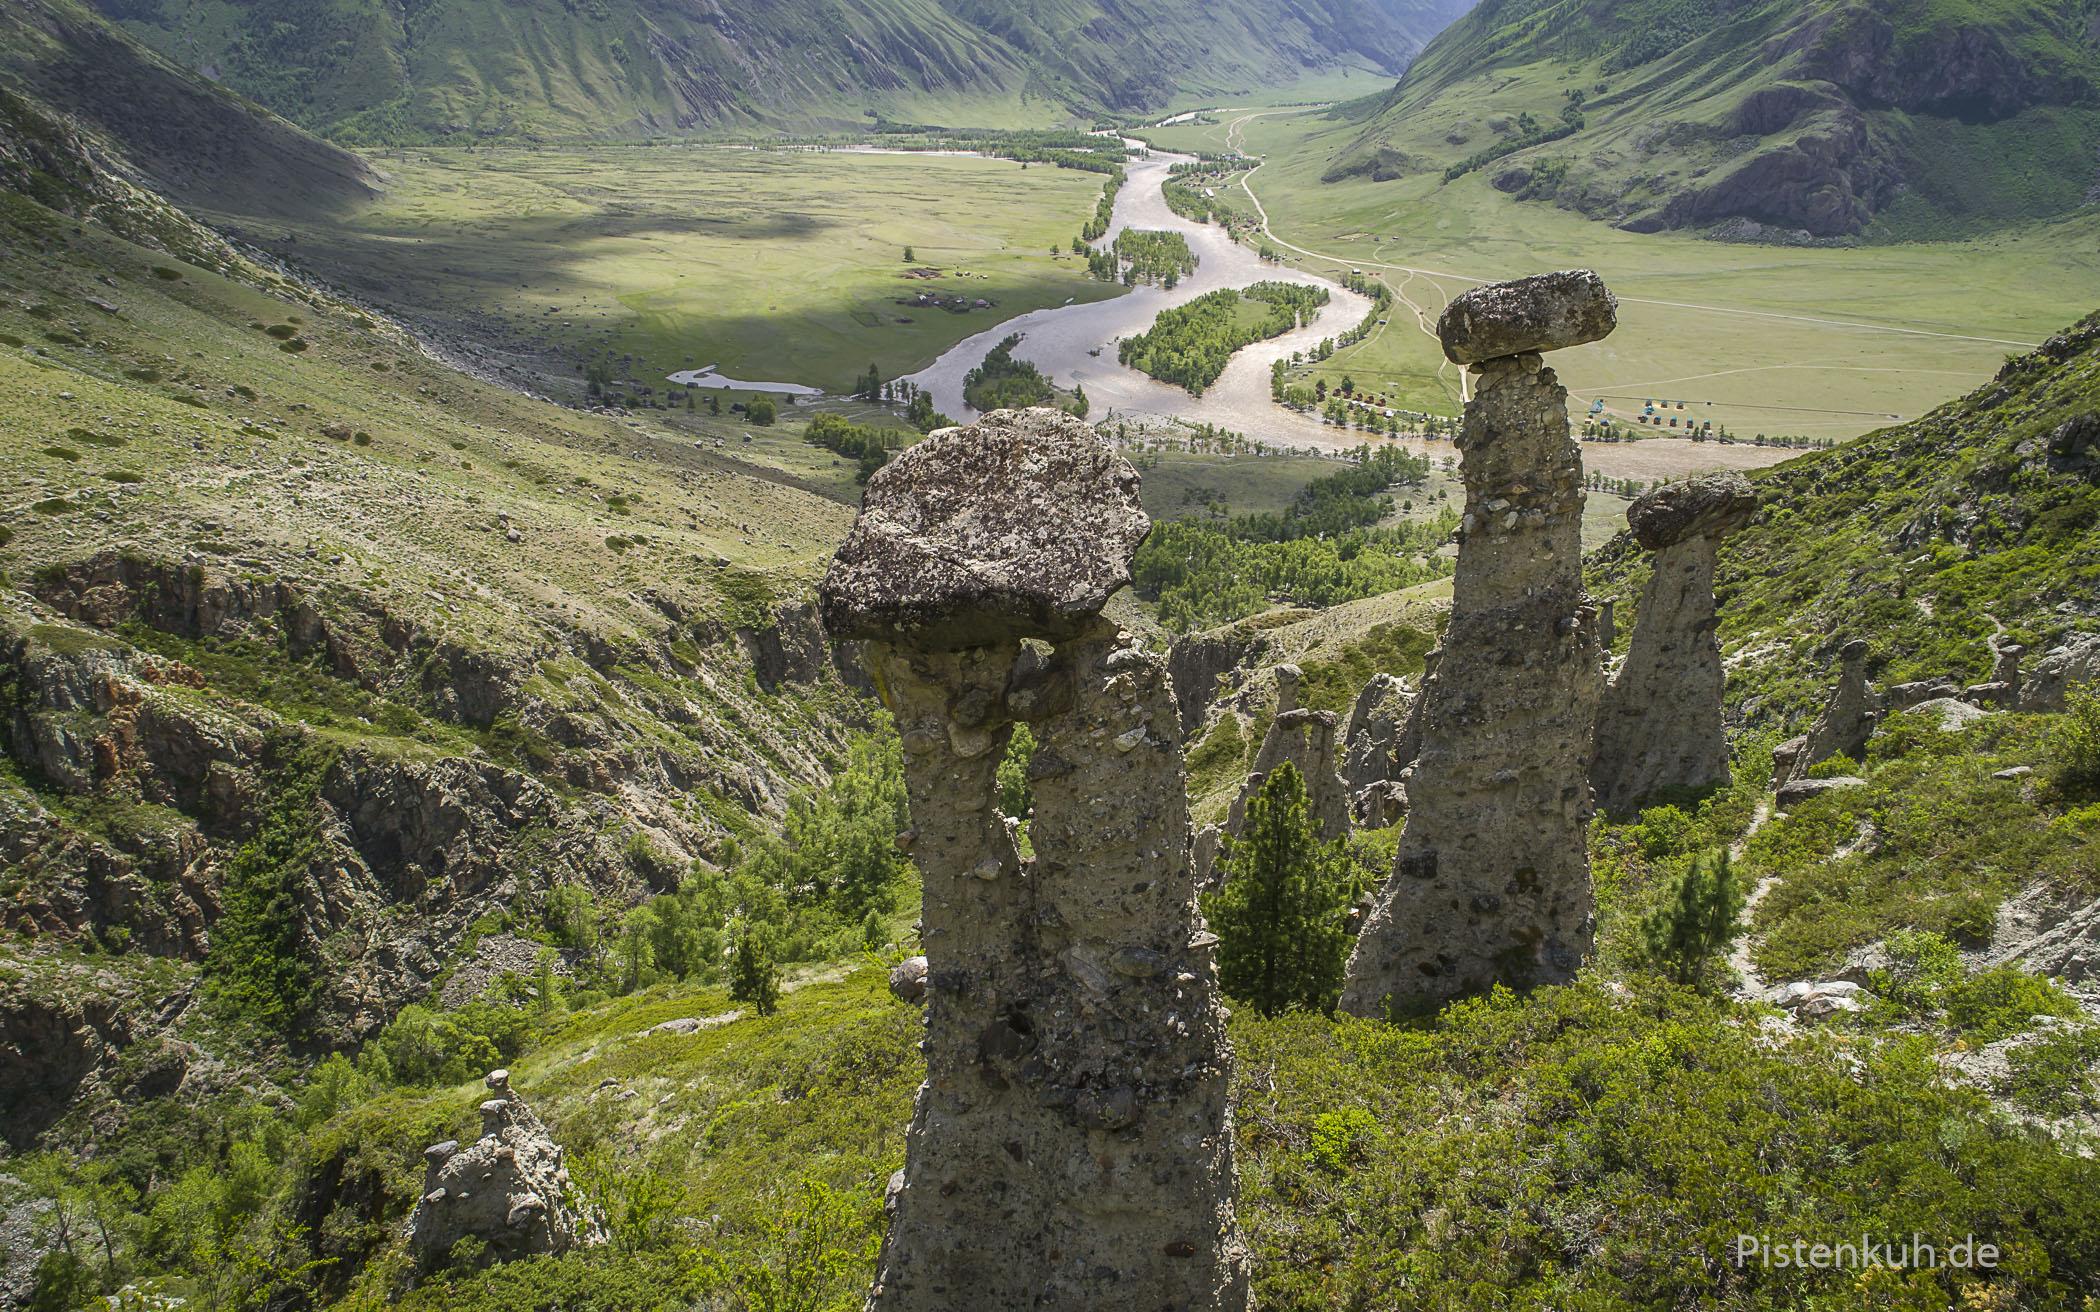 Steintürme, eine besondere Erosion, findet man im unteren Teil des Chulyshman Valley